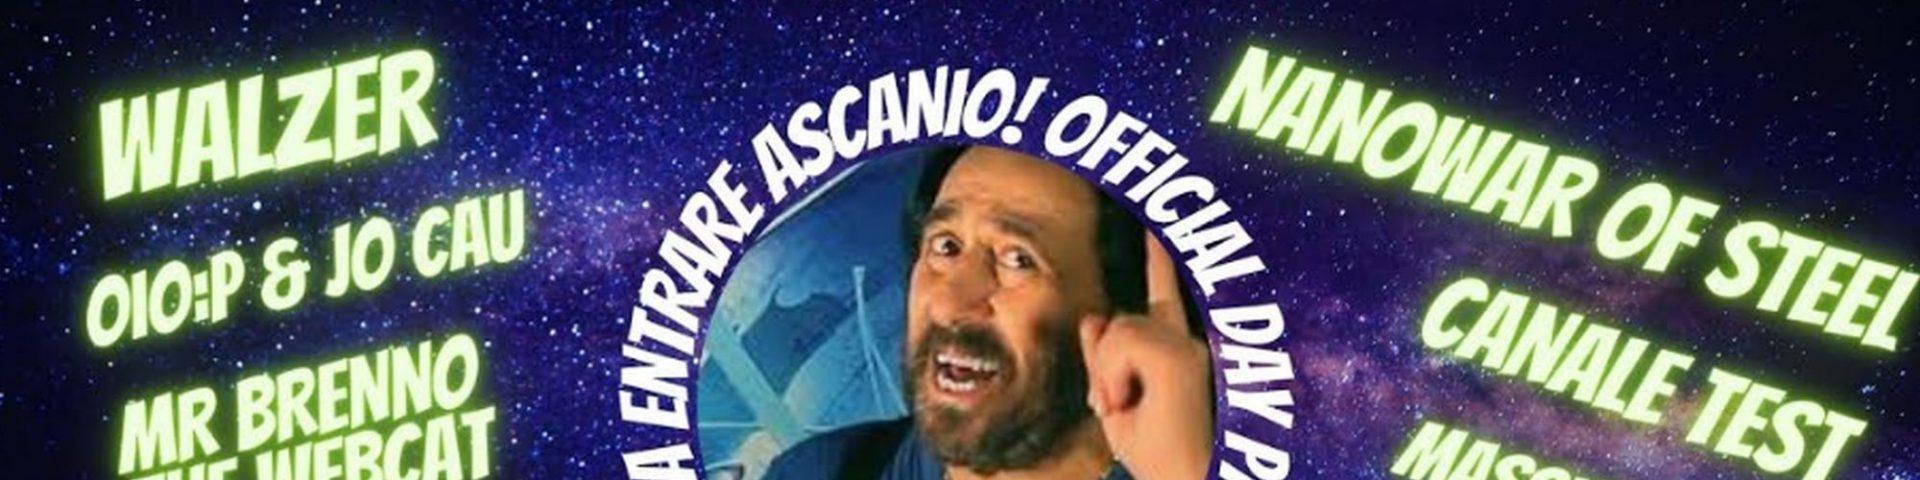 Hey, lascia entrare Ascanio dall'8 di gennaio!: ecco l'evento ufficiale dedicato alle canzoni italianizzate